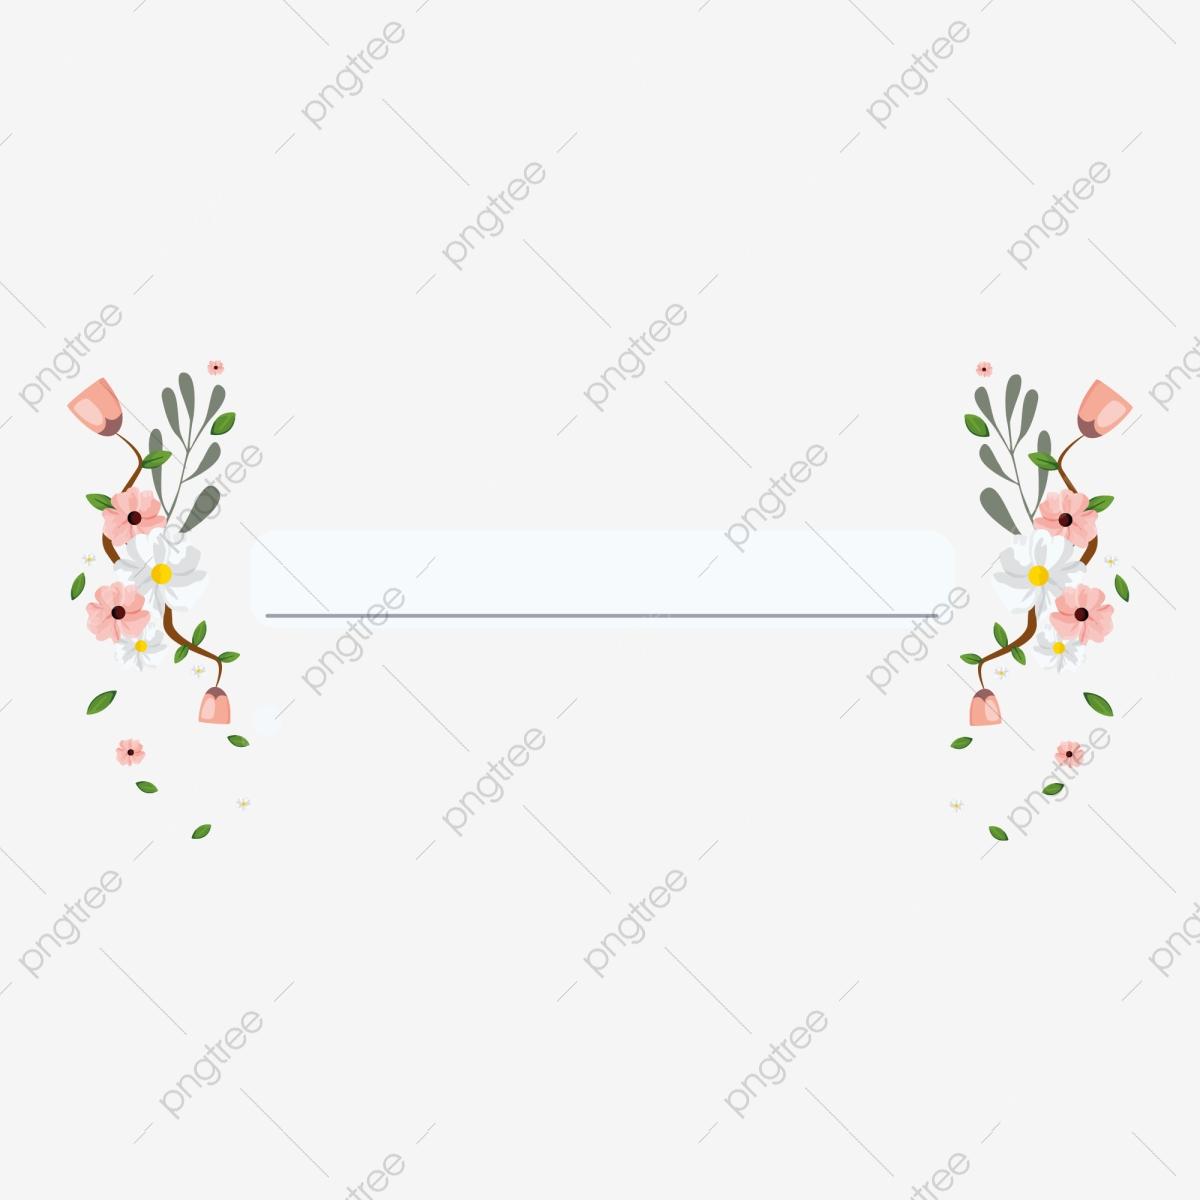 Os Elementos De Decoração, Convites De Casamento, Flores, Vector PNG.